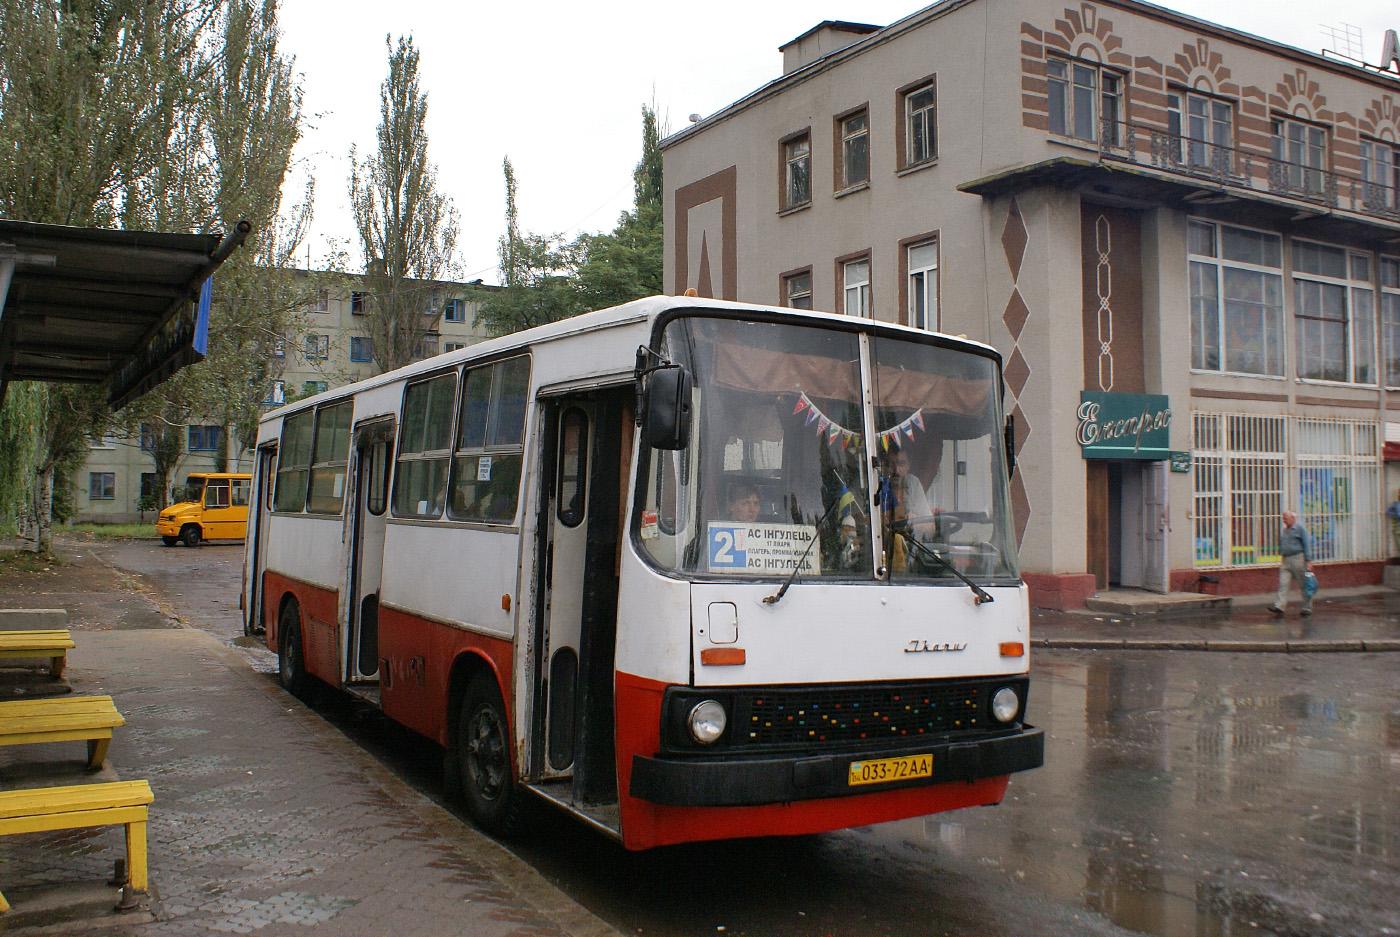 Ikarus-260 №033-72 АА. Дніпропетровська область, Кривий Ріг, АС Інгулець